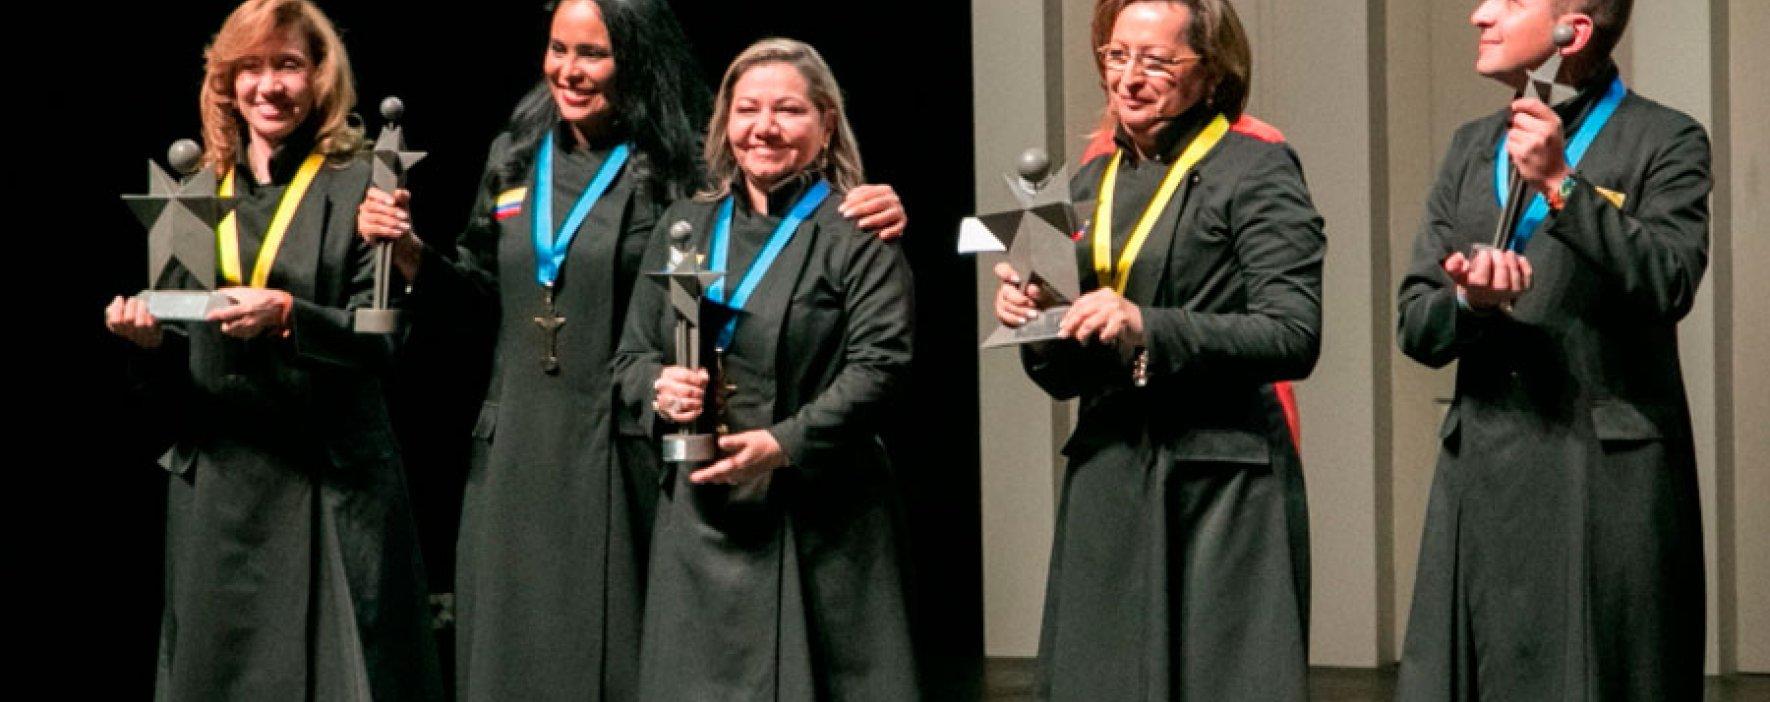 Premio Compartir 2017 - Kit de prensa